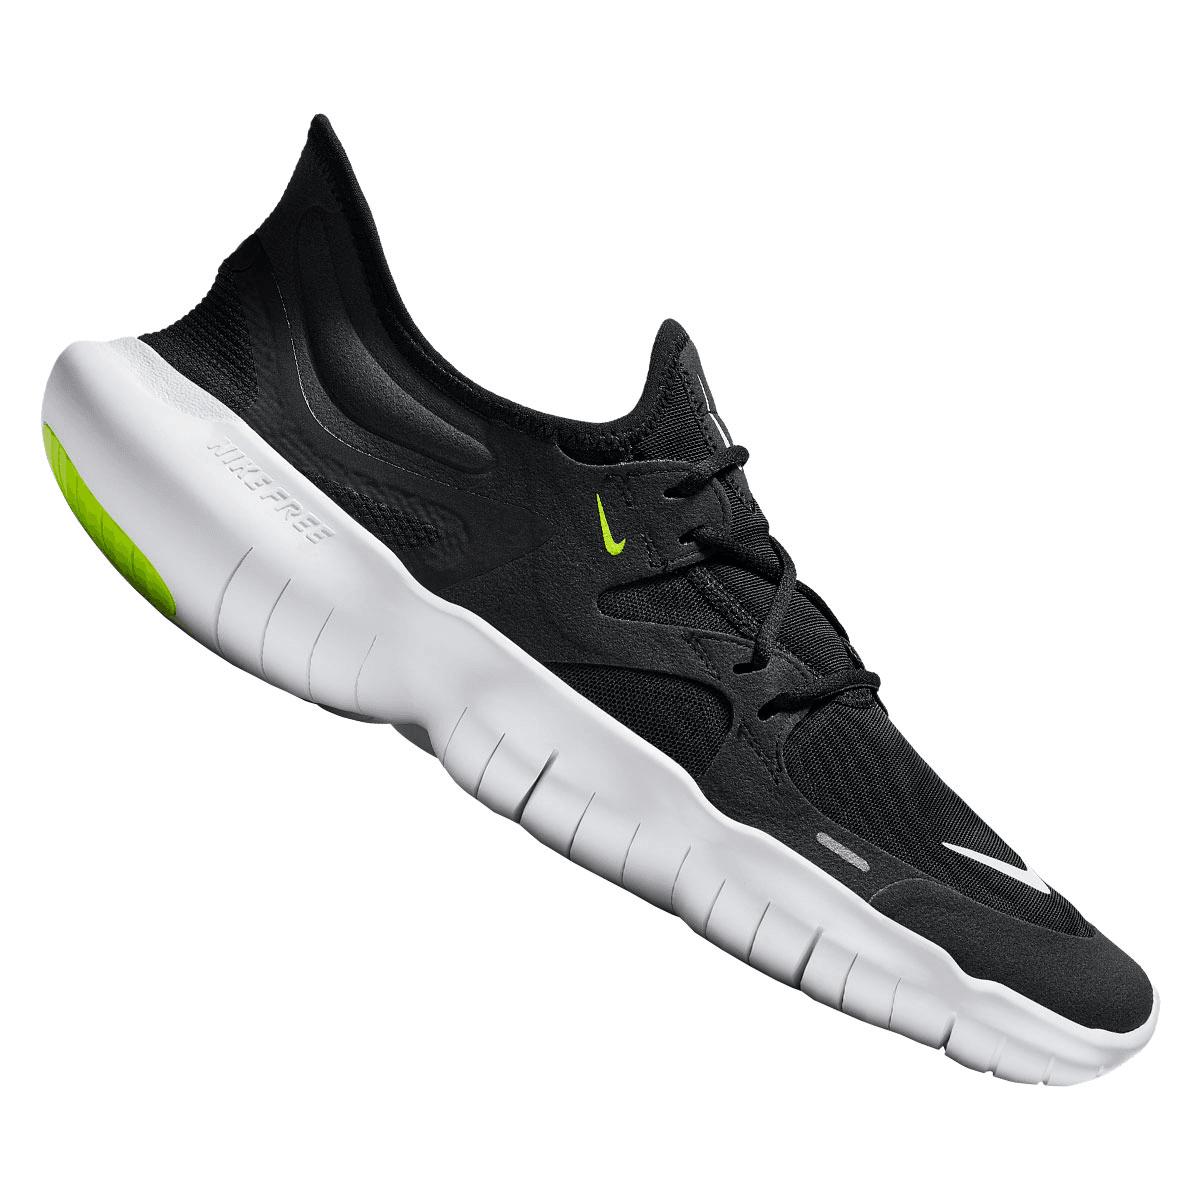 Nike Laufschuh Free Run 5.0 schwarzweiß